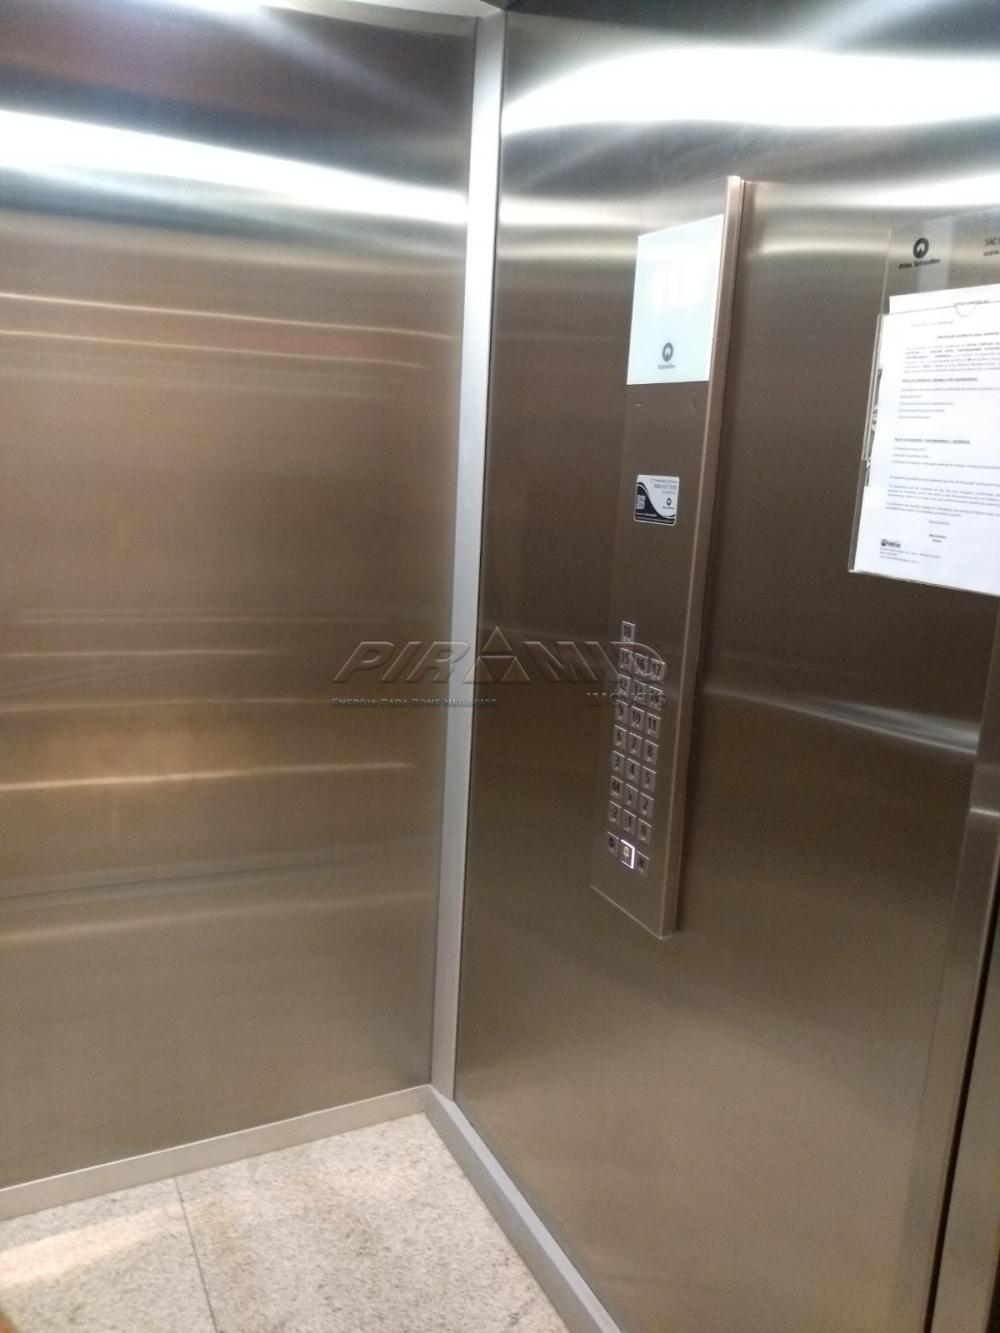 Alugar Apartamento / Padrão em Ribeirão Preto R$ 1.700,00 - Foto 76